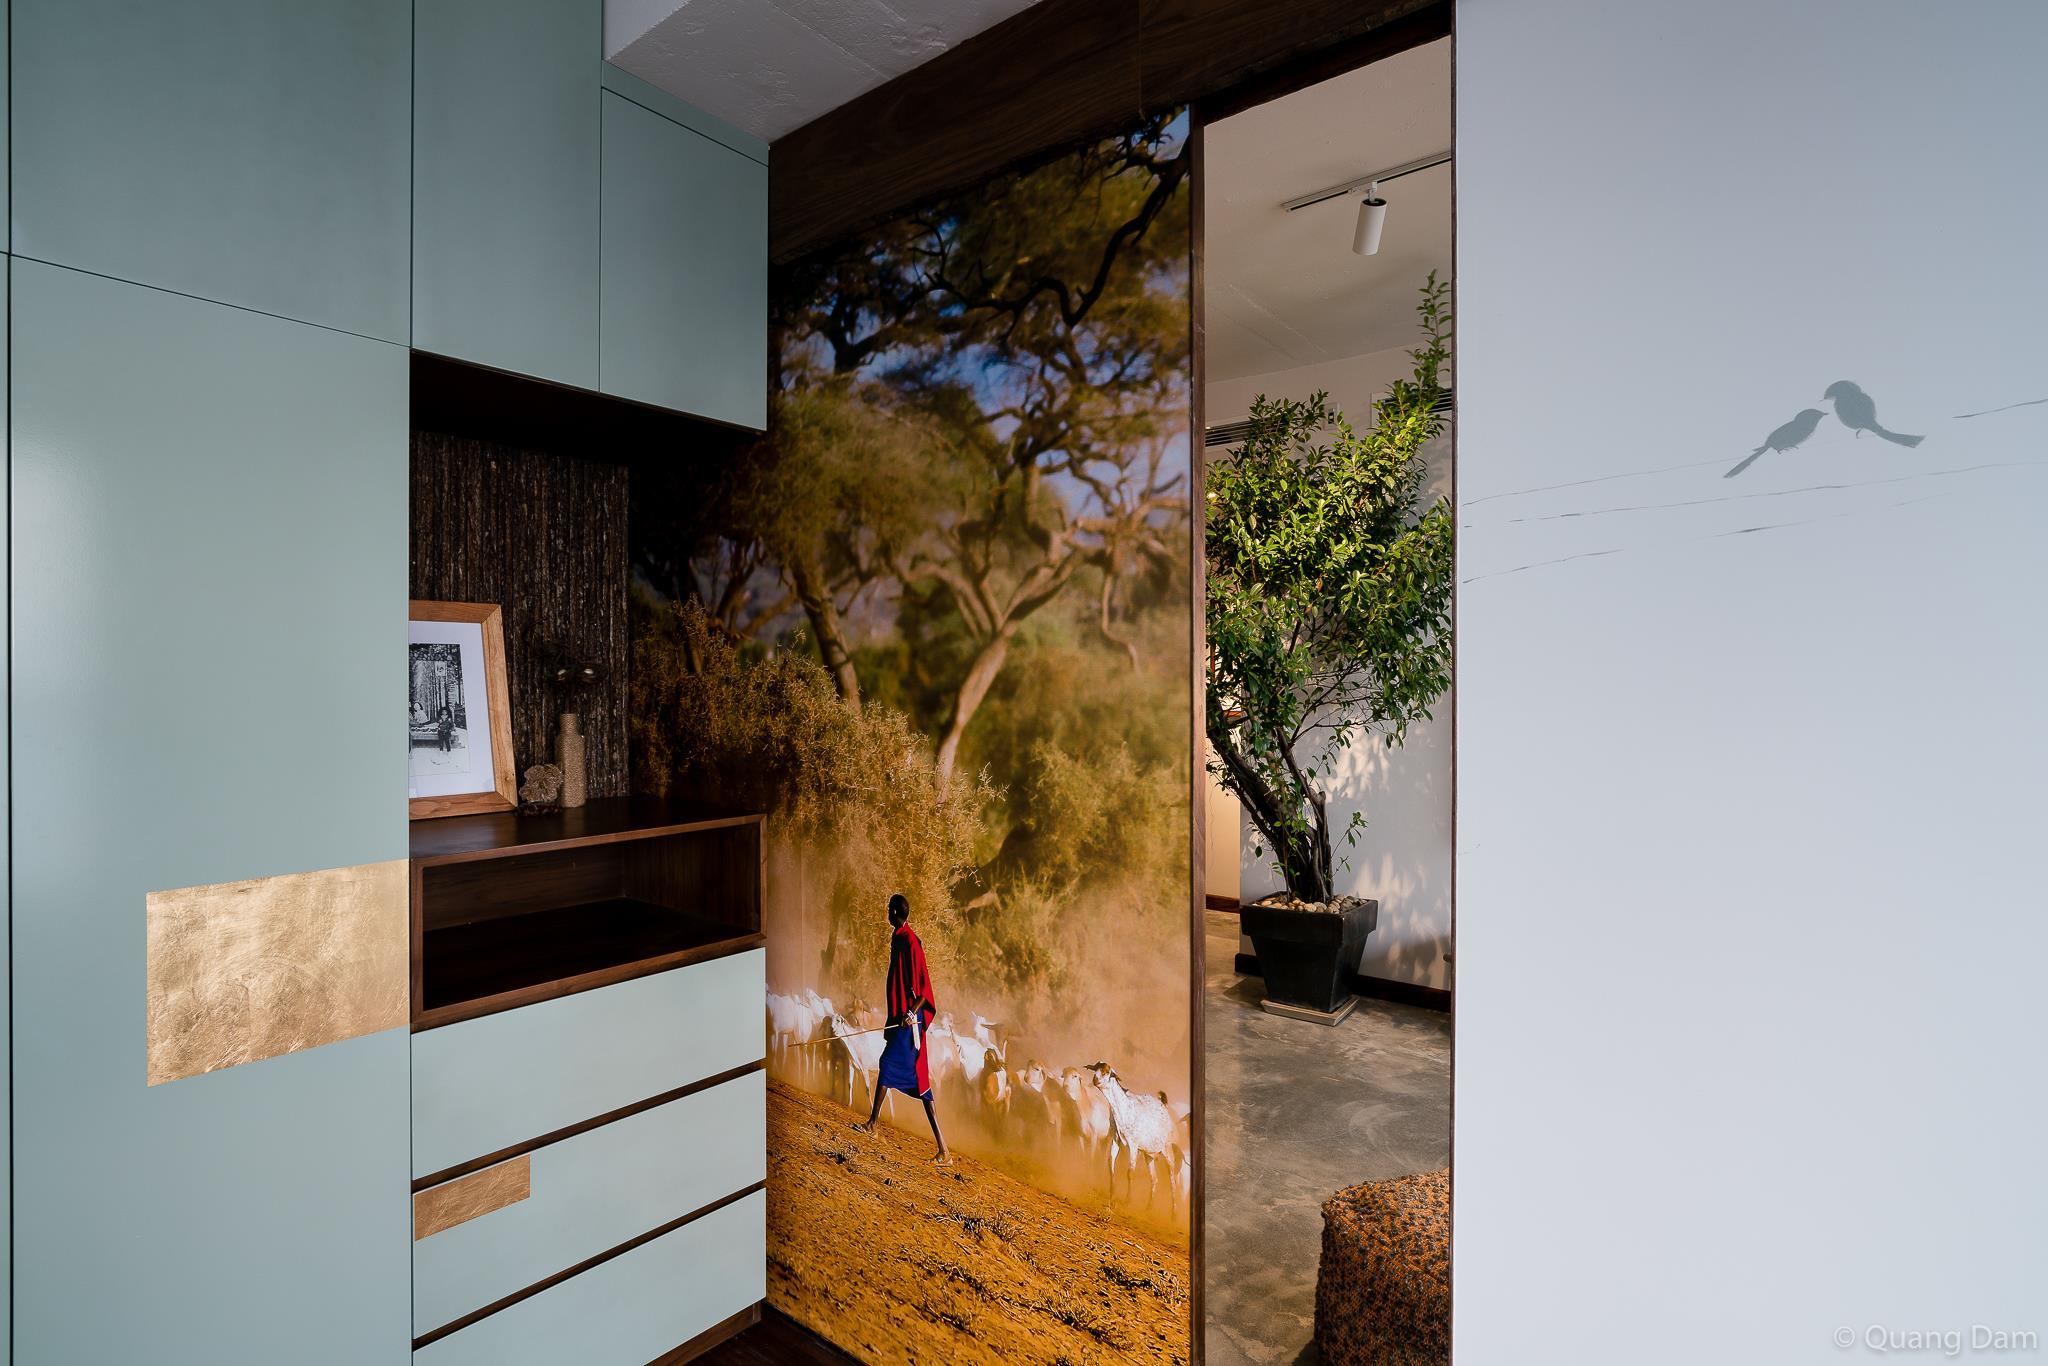 Nội thất căn hộ 1 phòng ngủ với điểm nhấn gỗ và cây xanh - Nhà Đẹp Số (2)